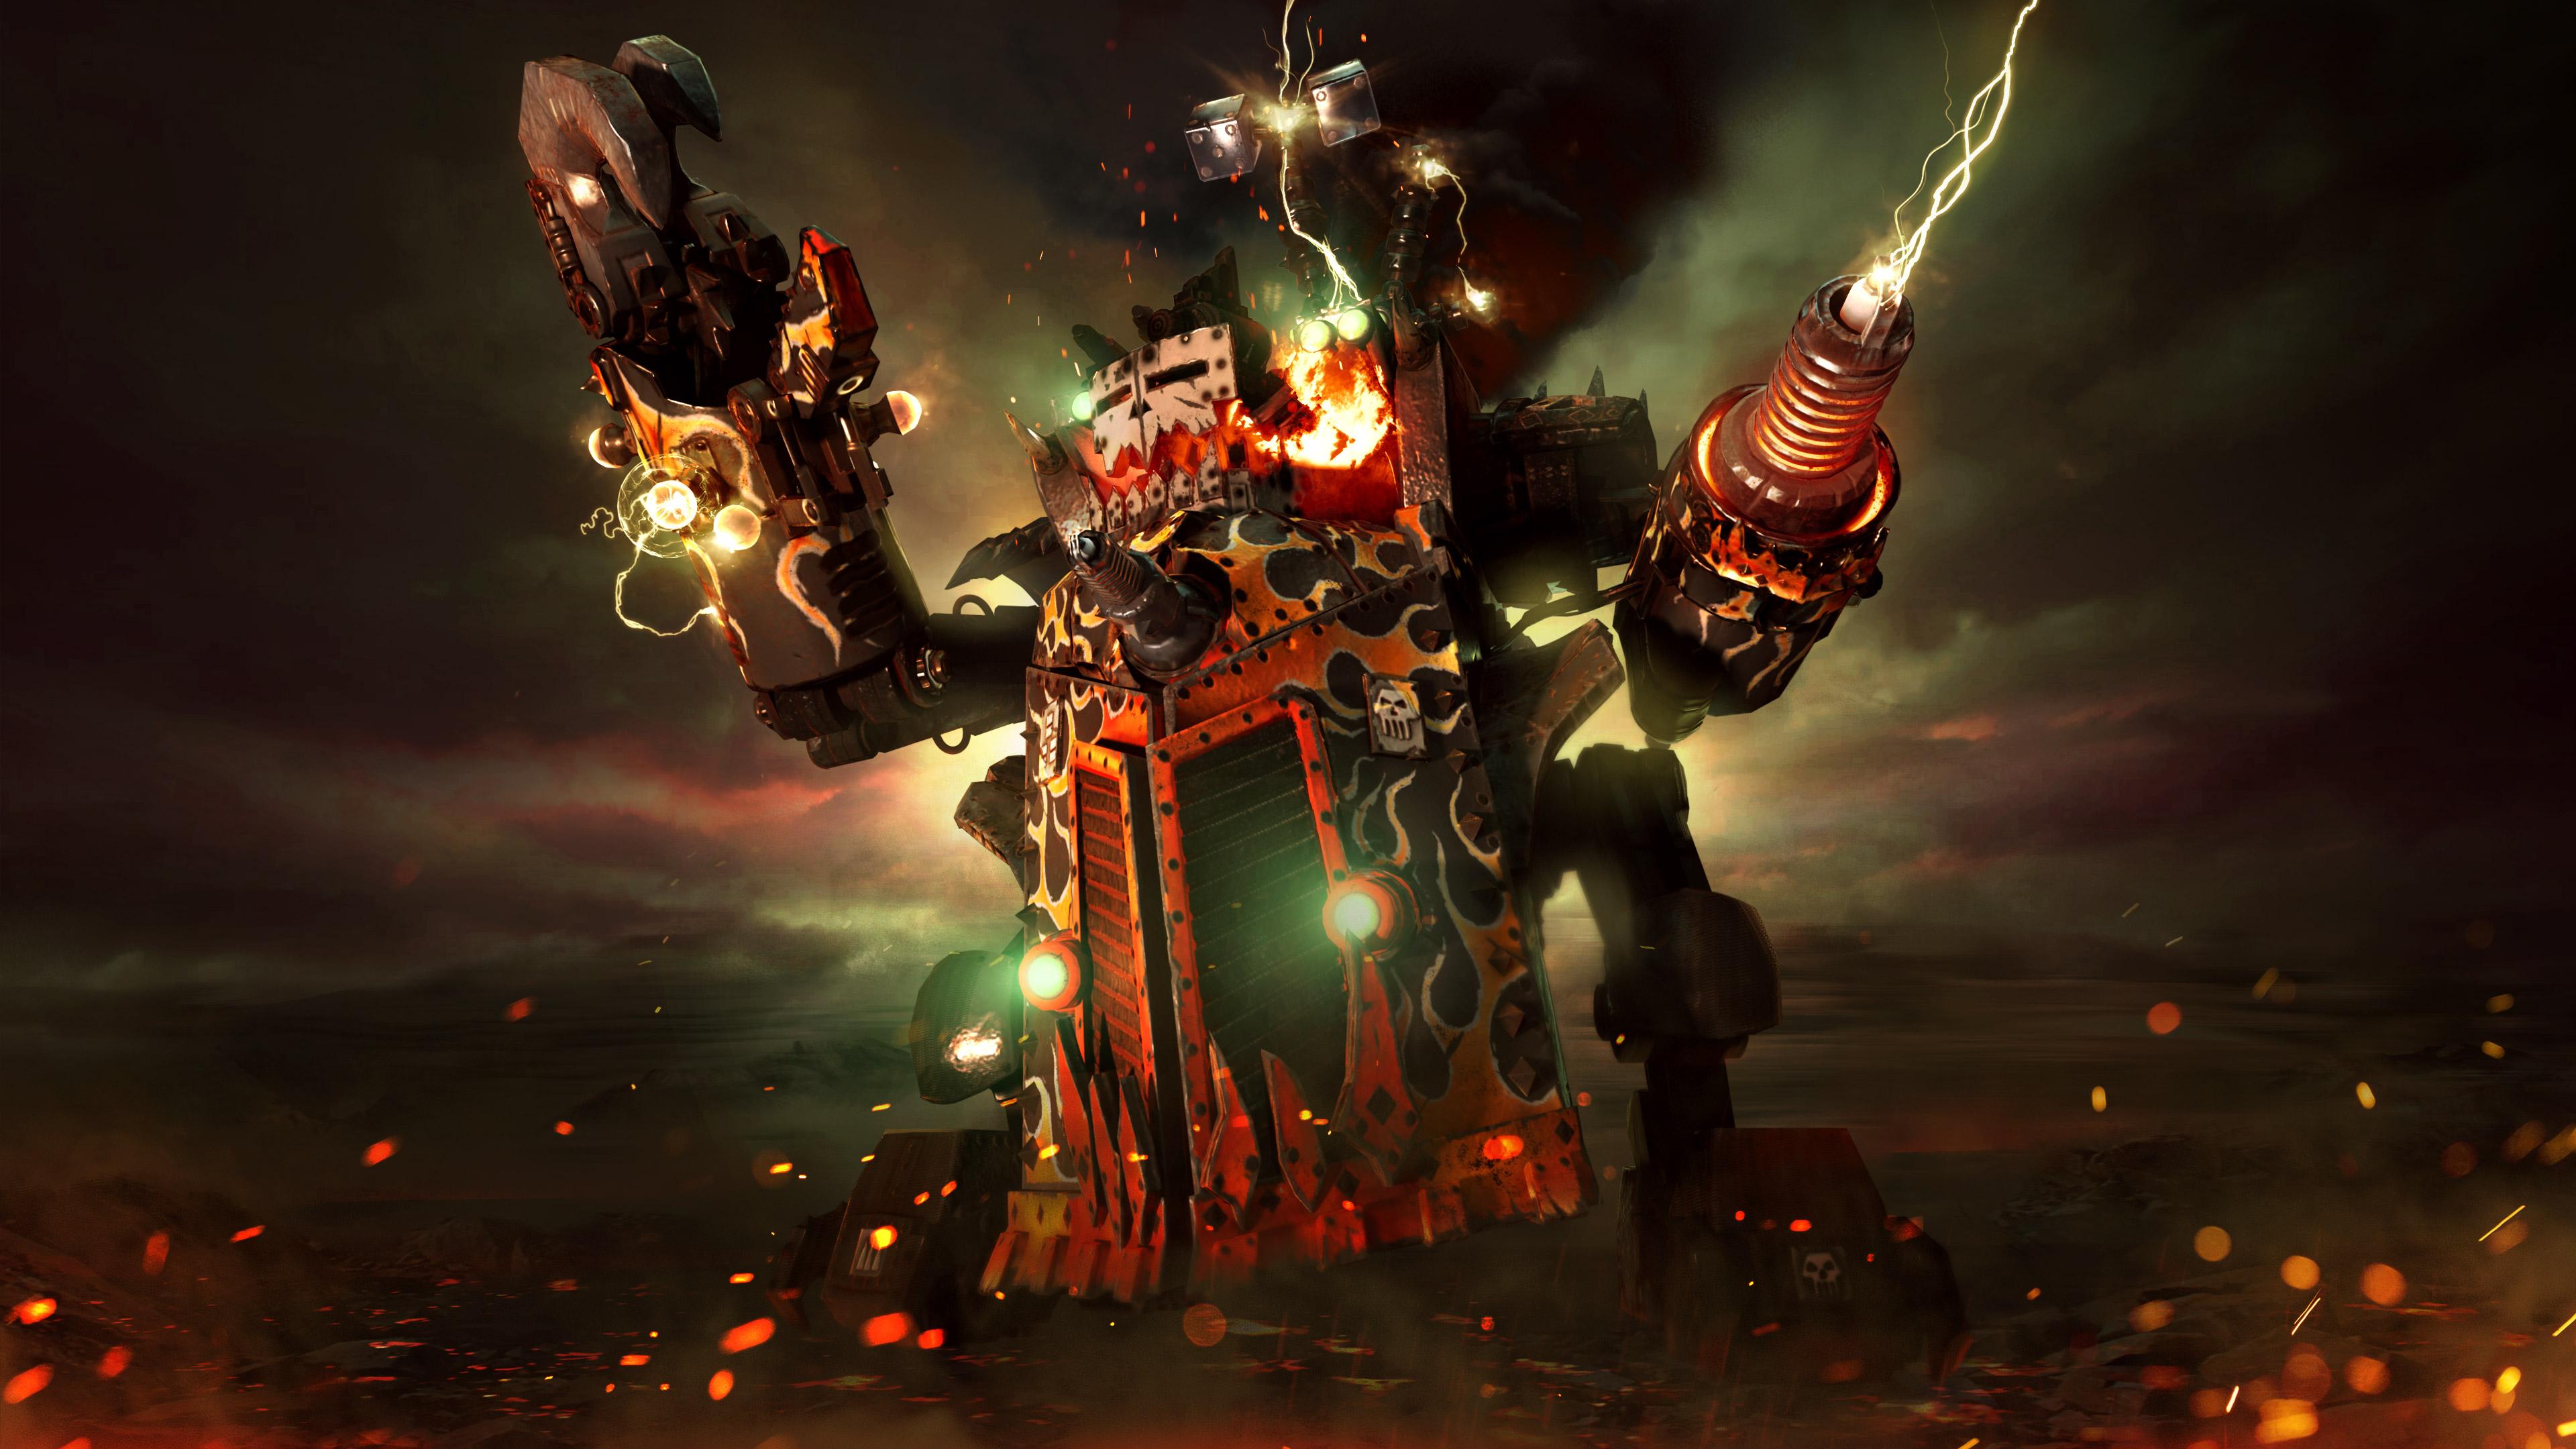 Dawn Of War 1920x1080: Big Kustom Beauty Da Morkanaut Warhammer 40000 Dawn Of War